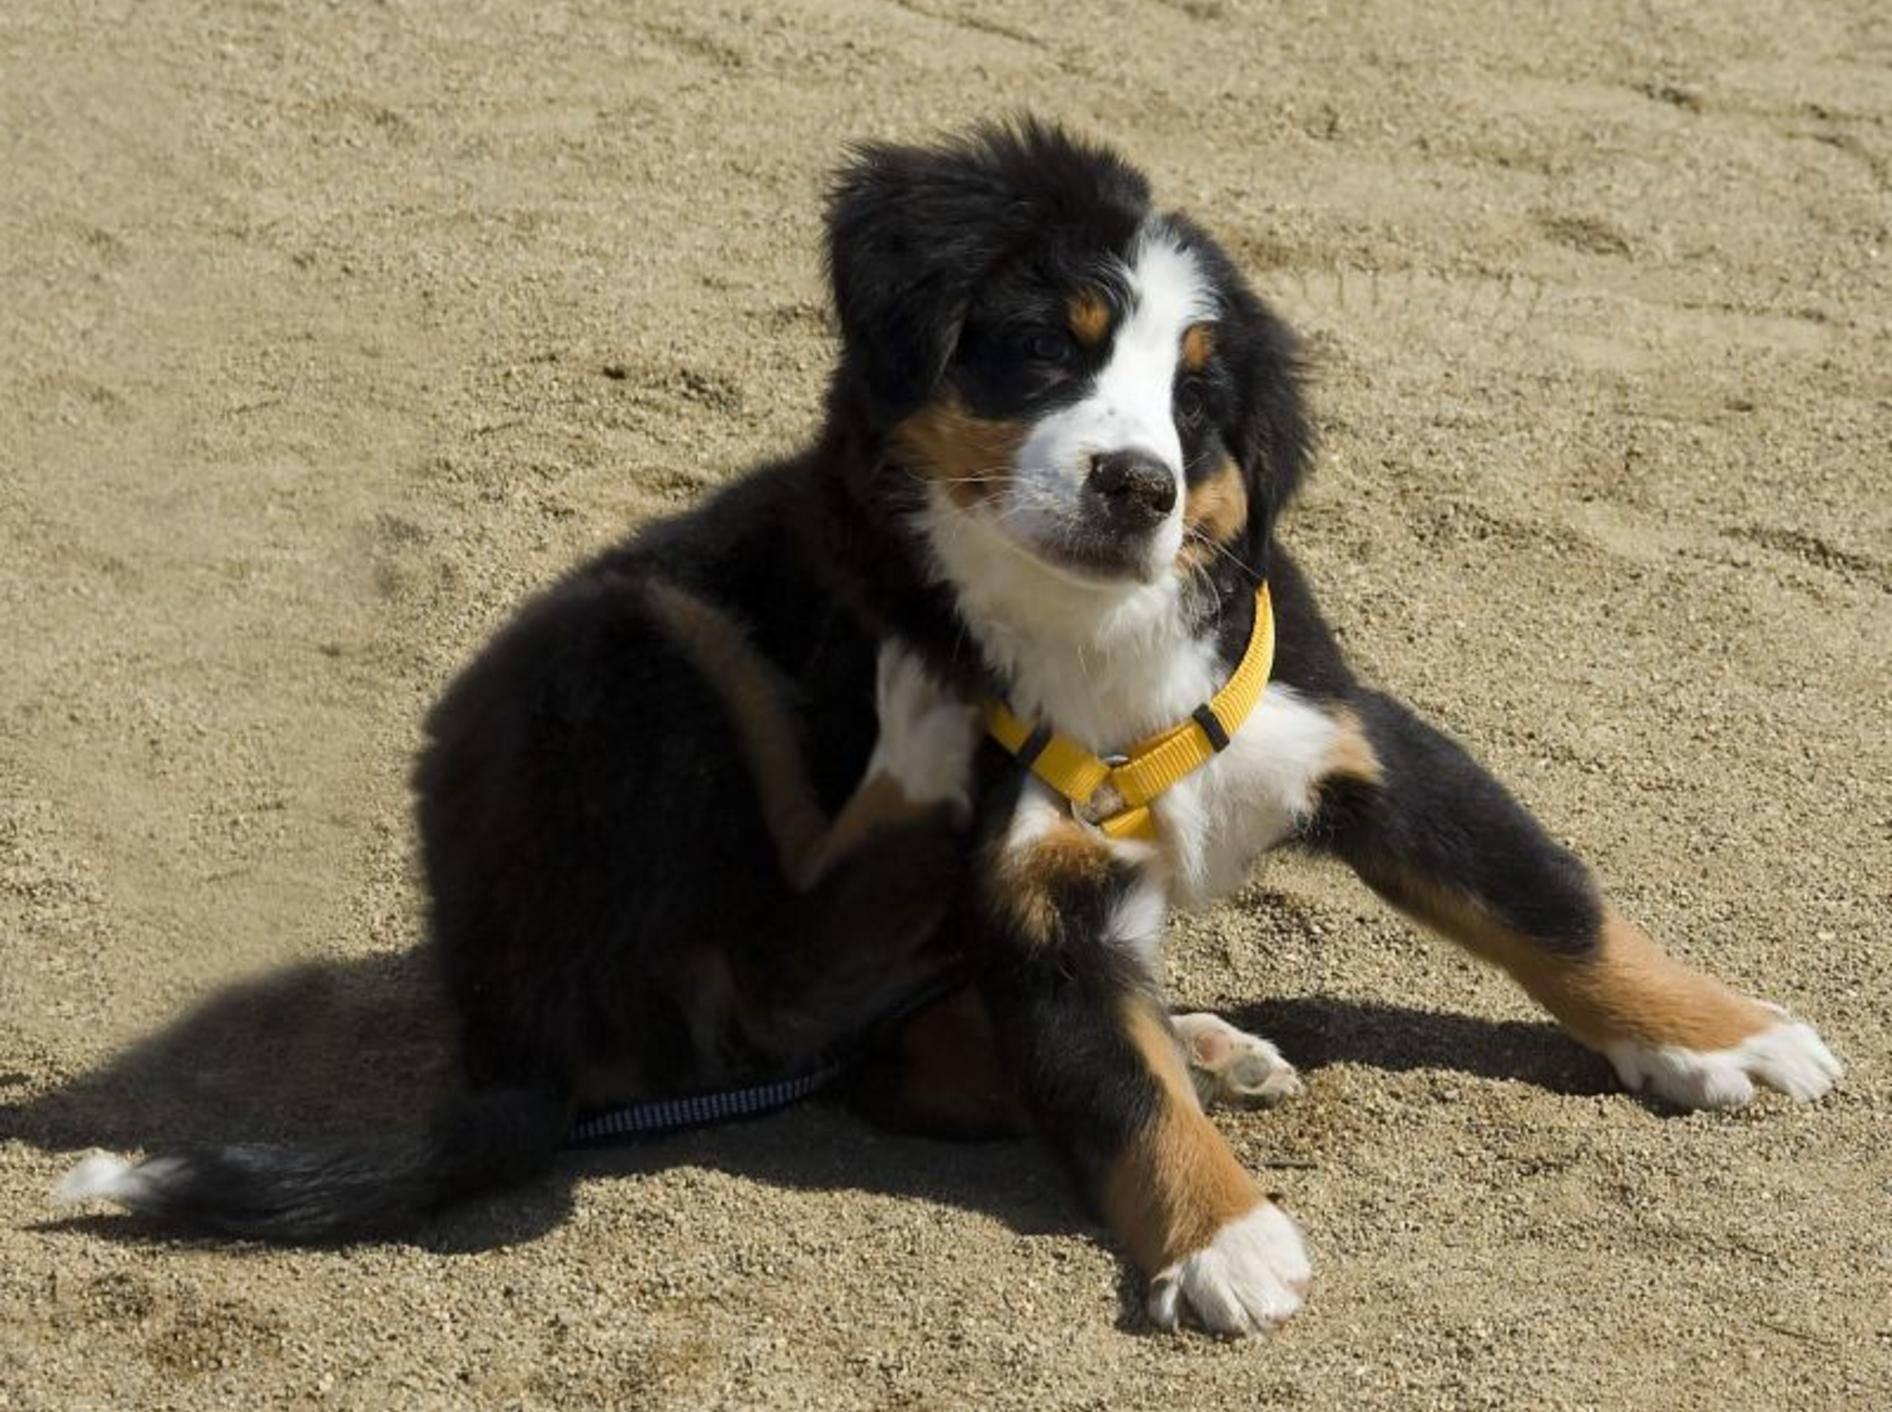 Flöhe beim Hund: So beugen Sie vor — Bild: Shutterstock / Ilya D. Gridnev